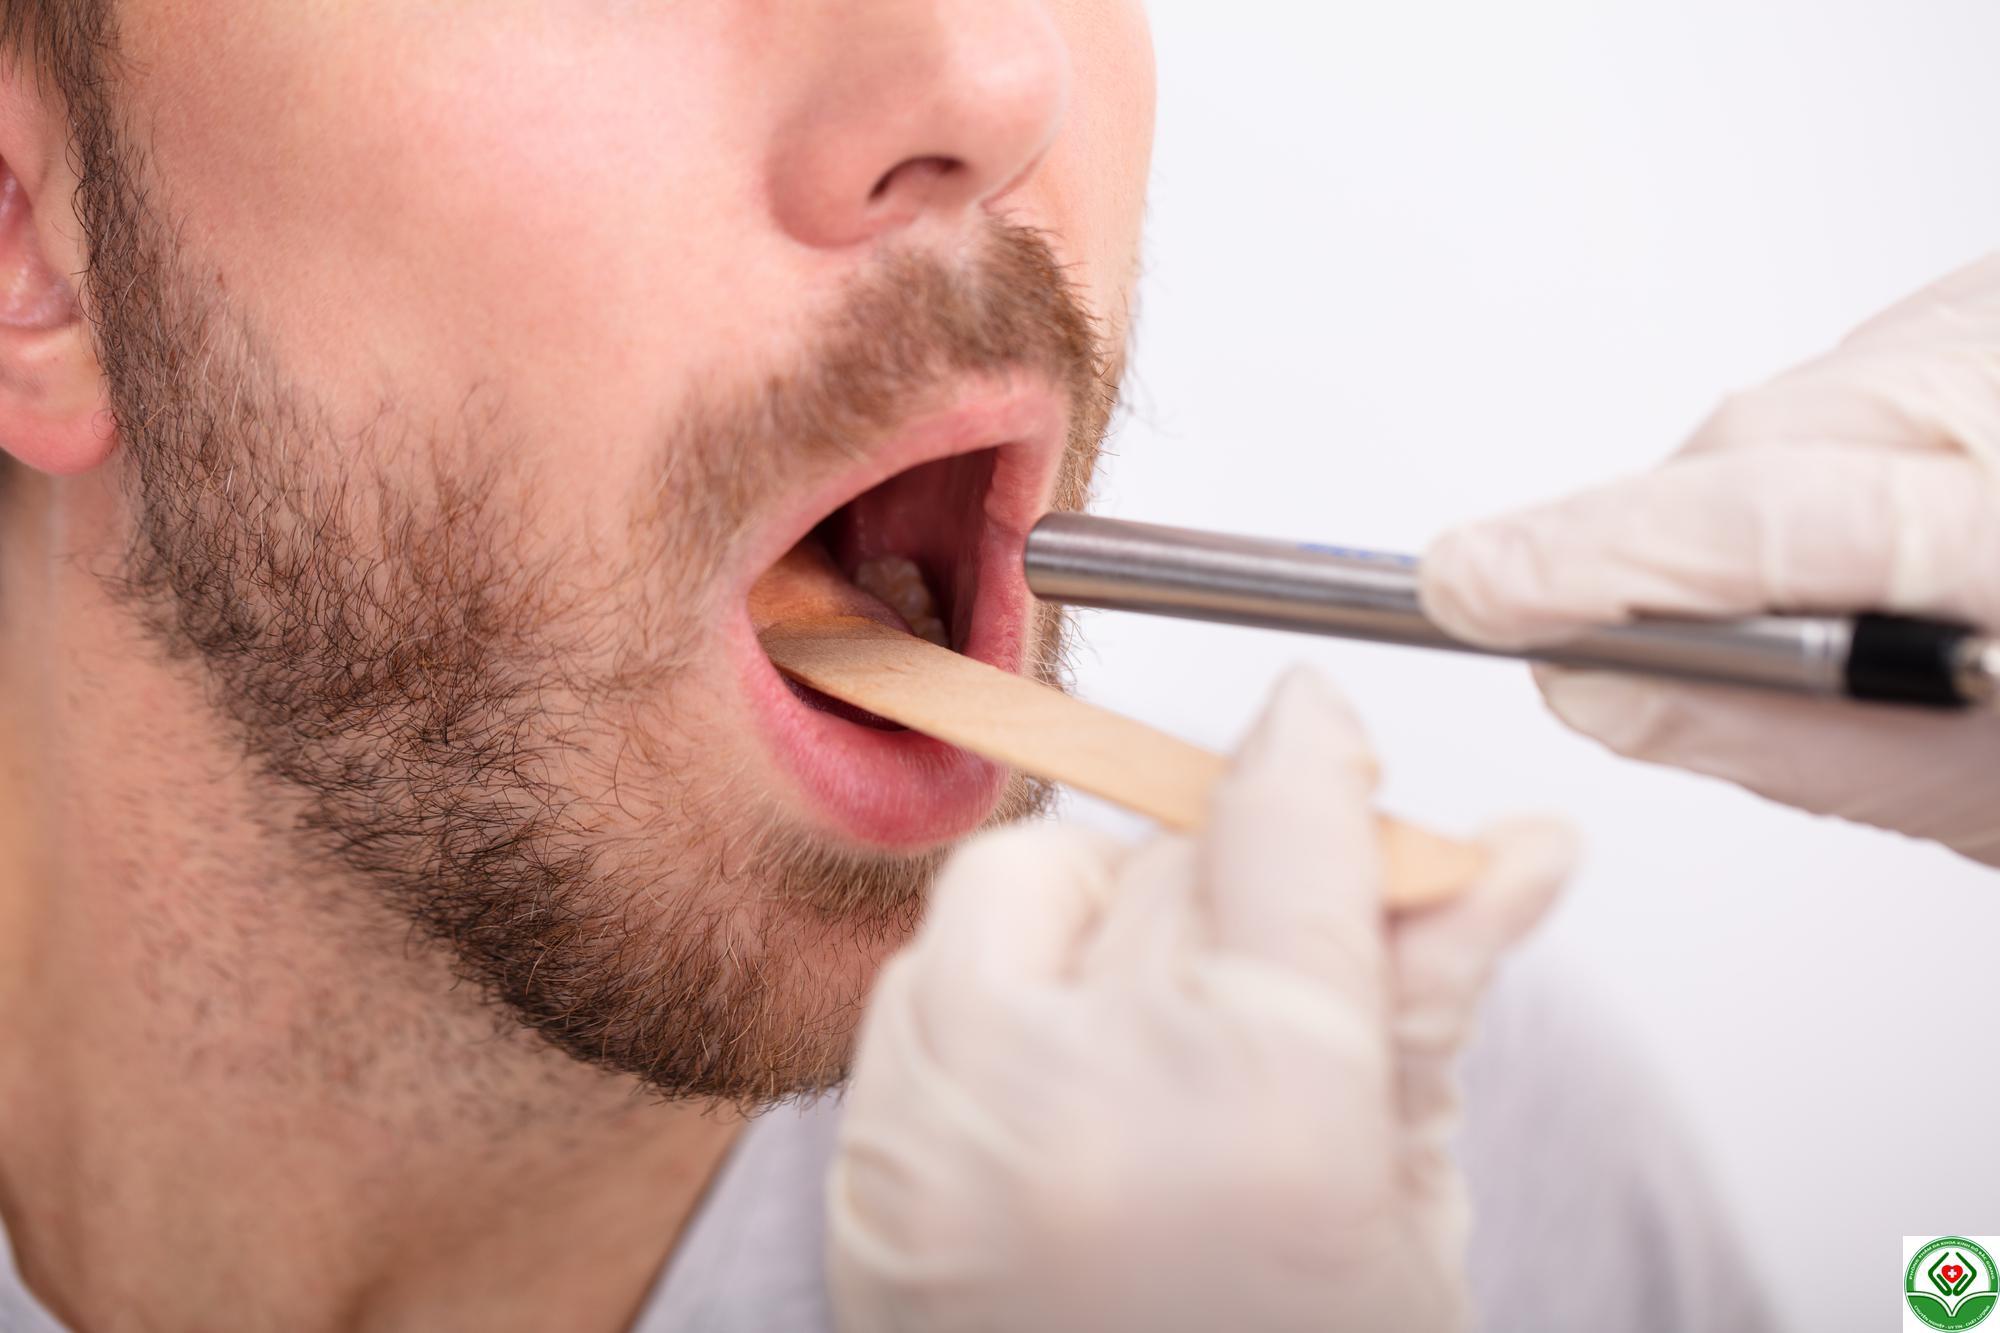 Bệnh lậu ở miệng: Chuẩn đoán, điều trị và ngăn ngừa như thế nào?